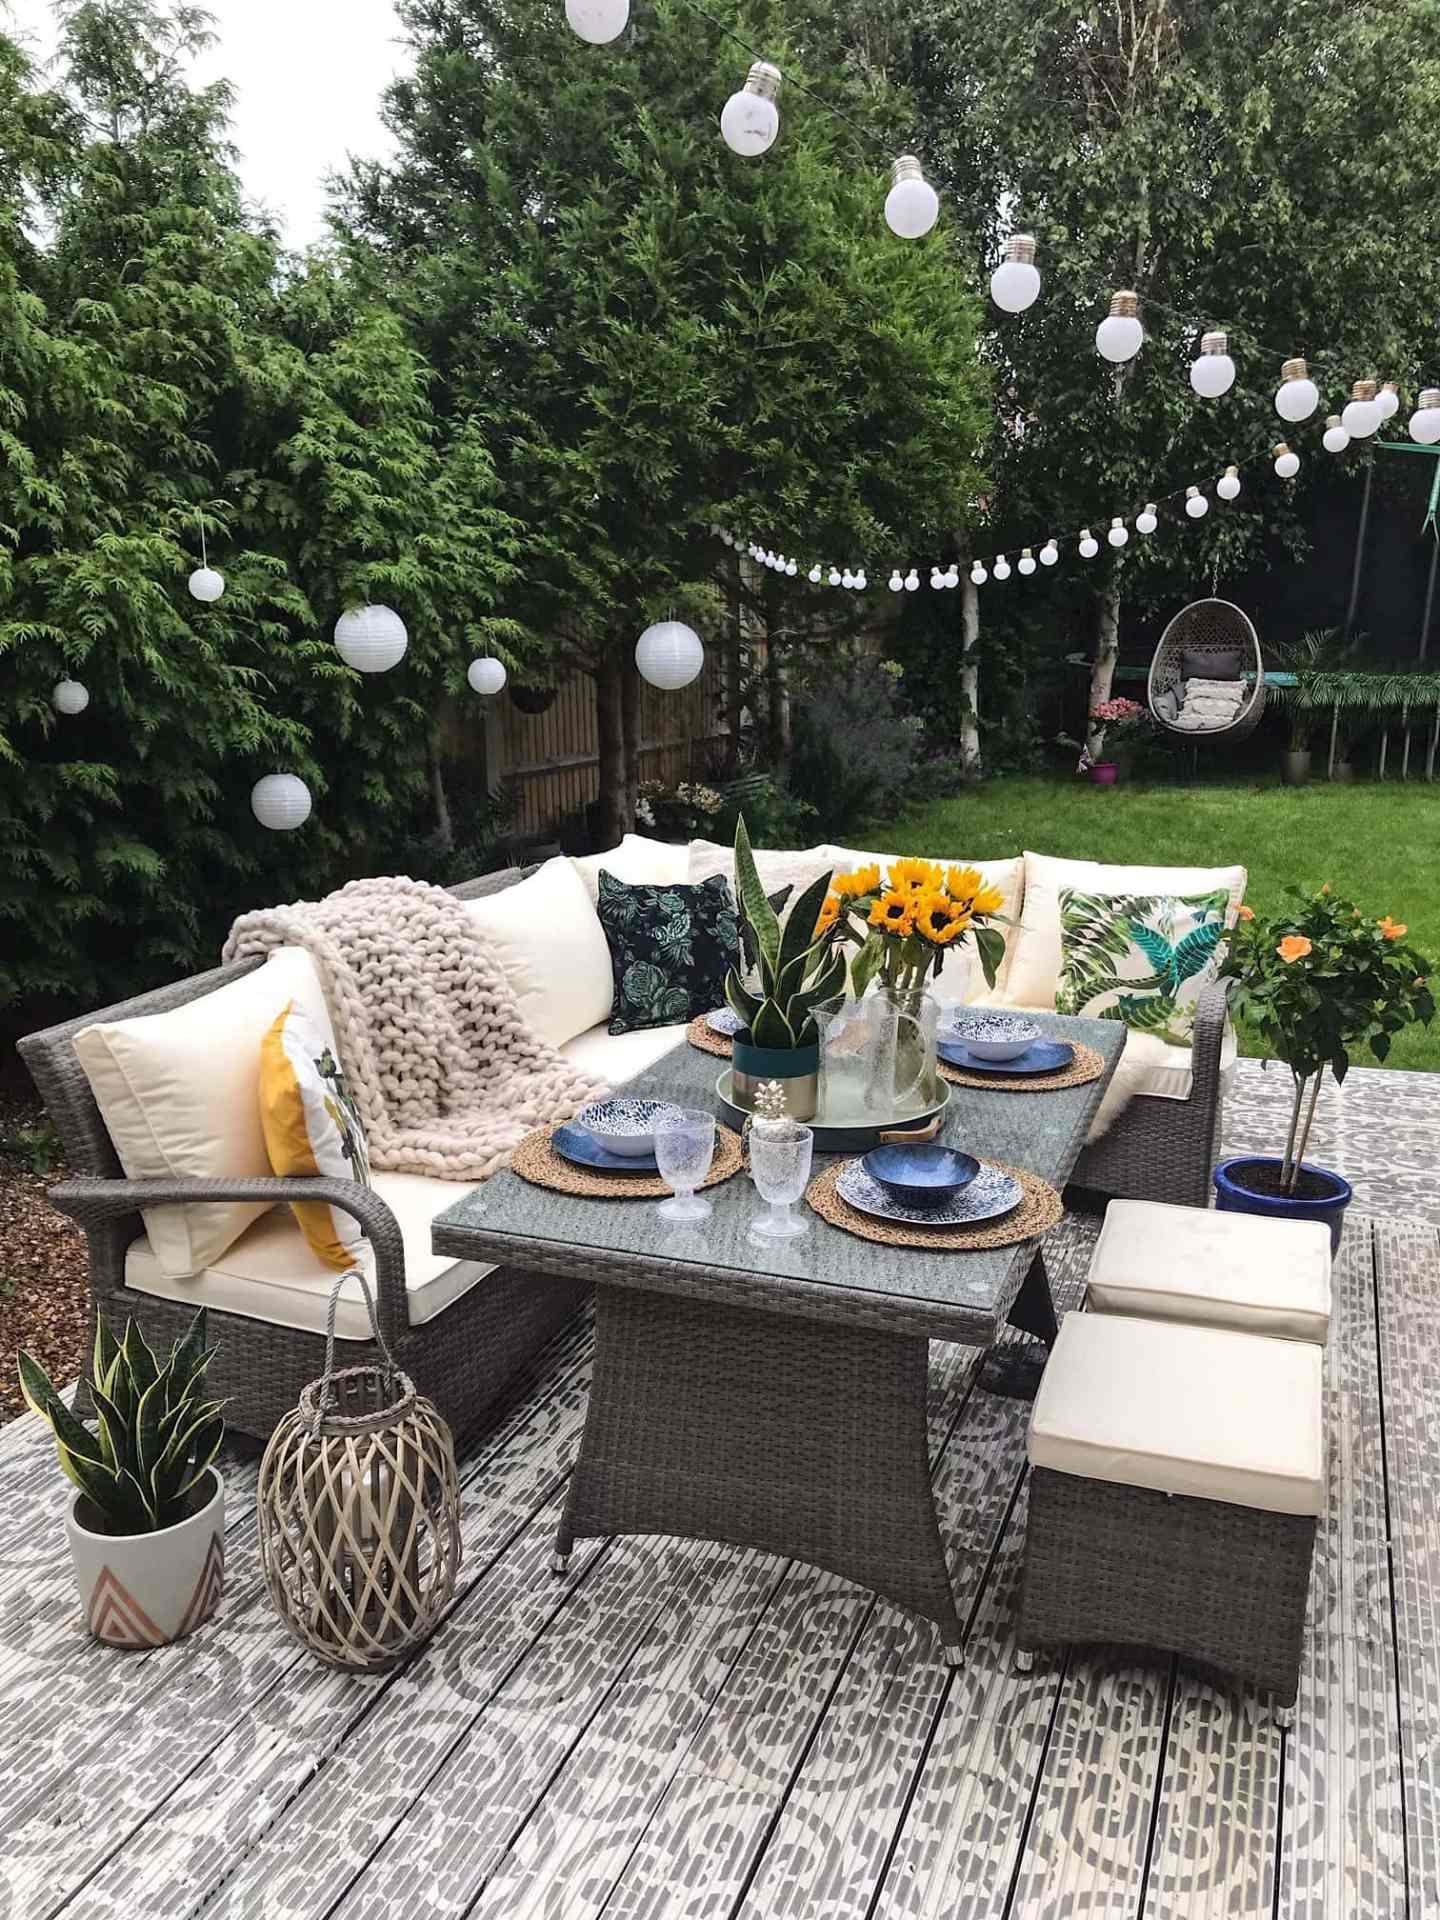 Stencilled decking, decking, garden, garden furniture, festoon lights, rattan furniture